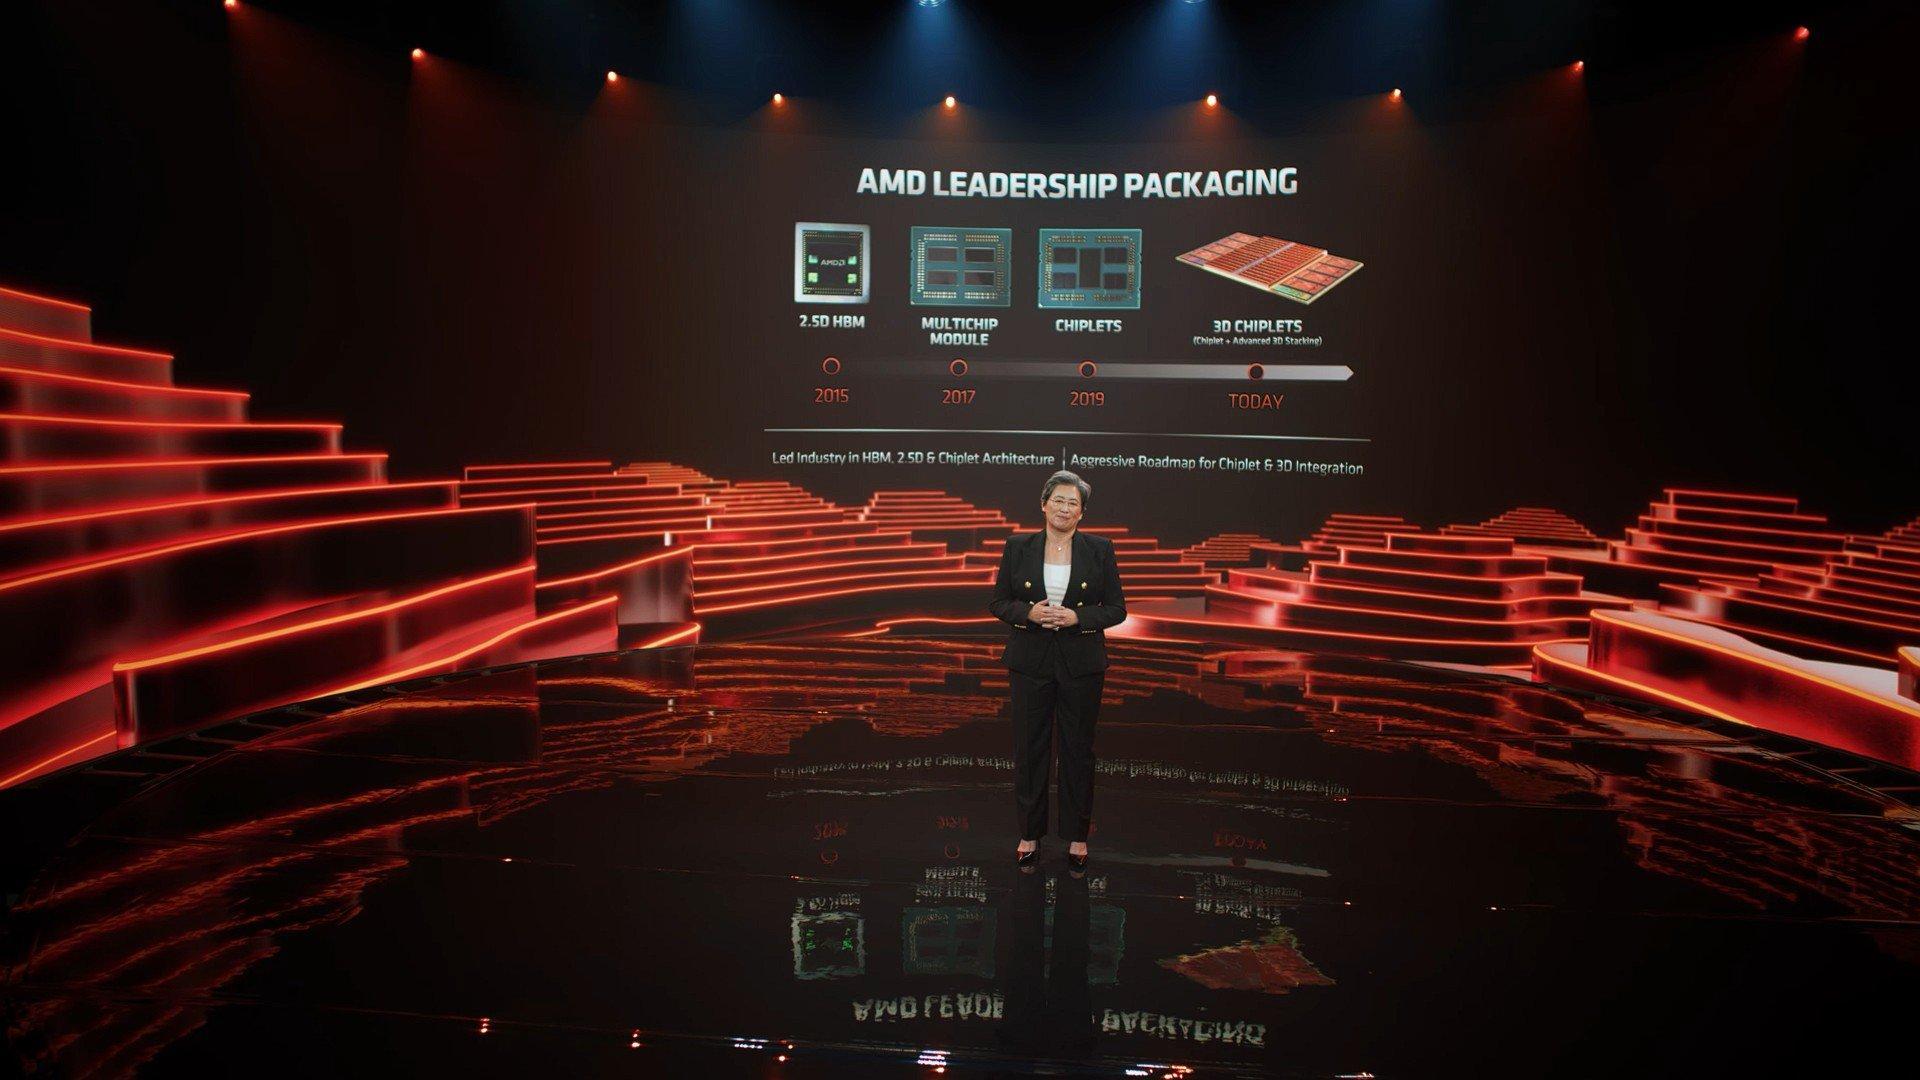 AMD-computex-2021